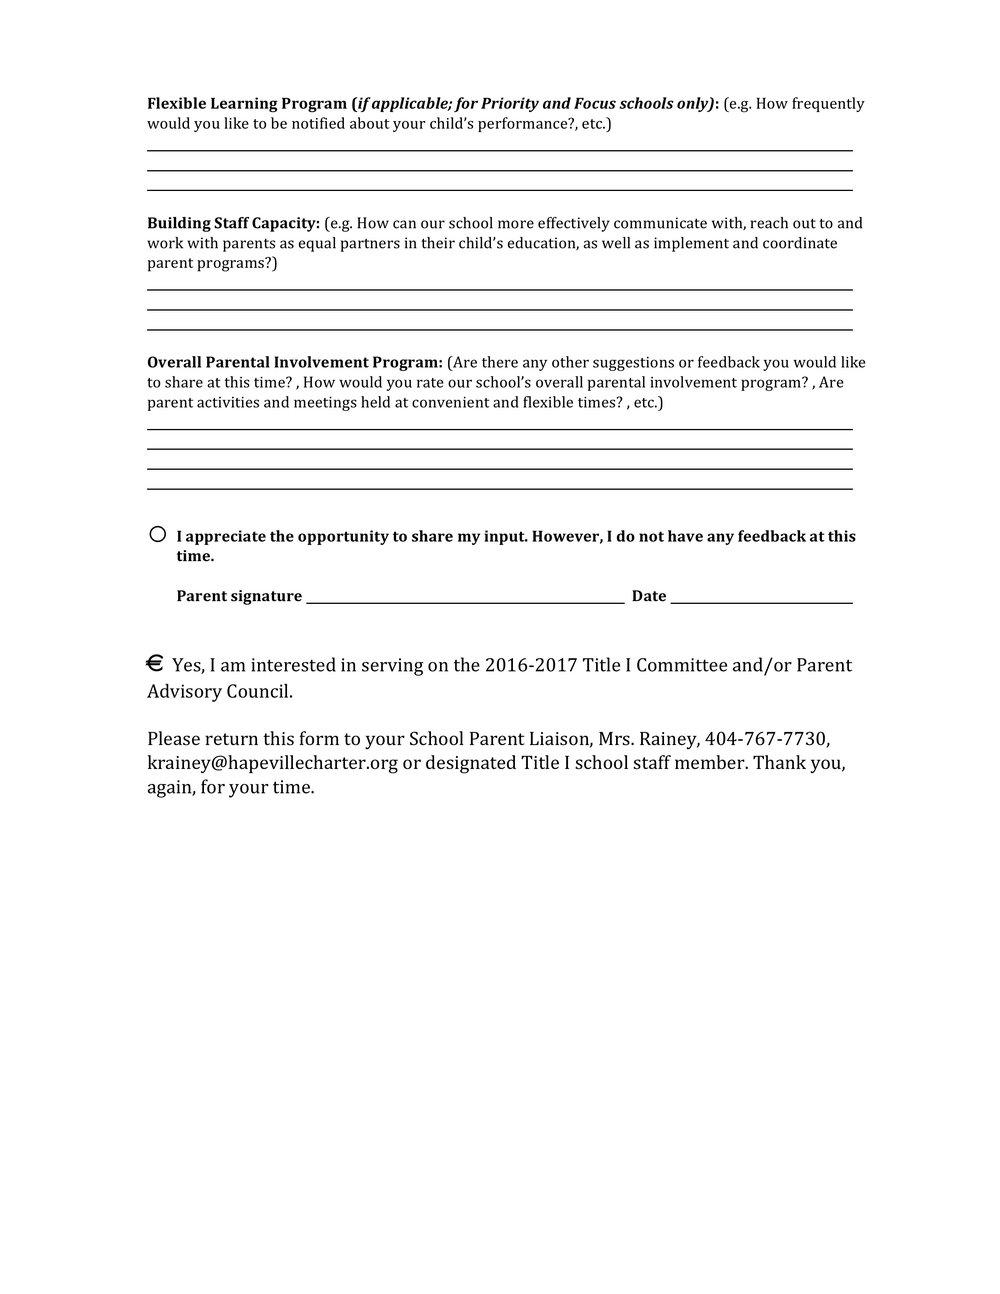 Newsletter Image6th Grade Newsletter 9-5-2016 11.jpeg